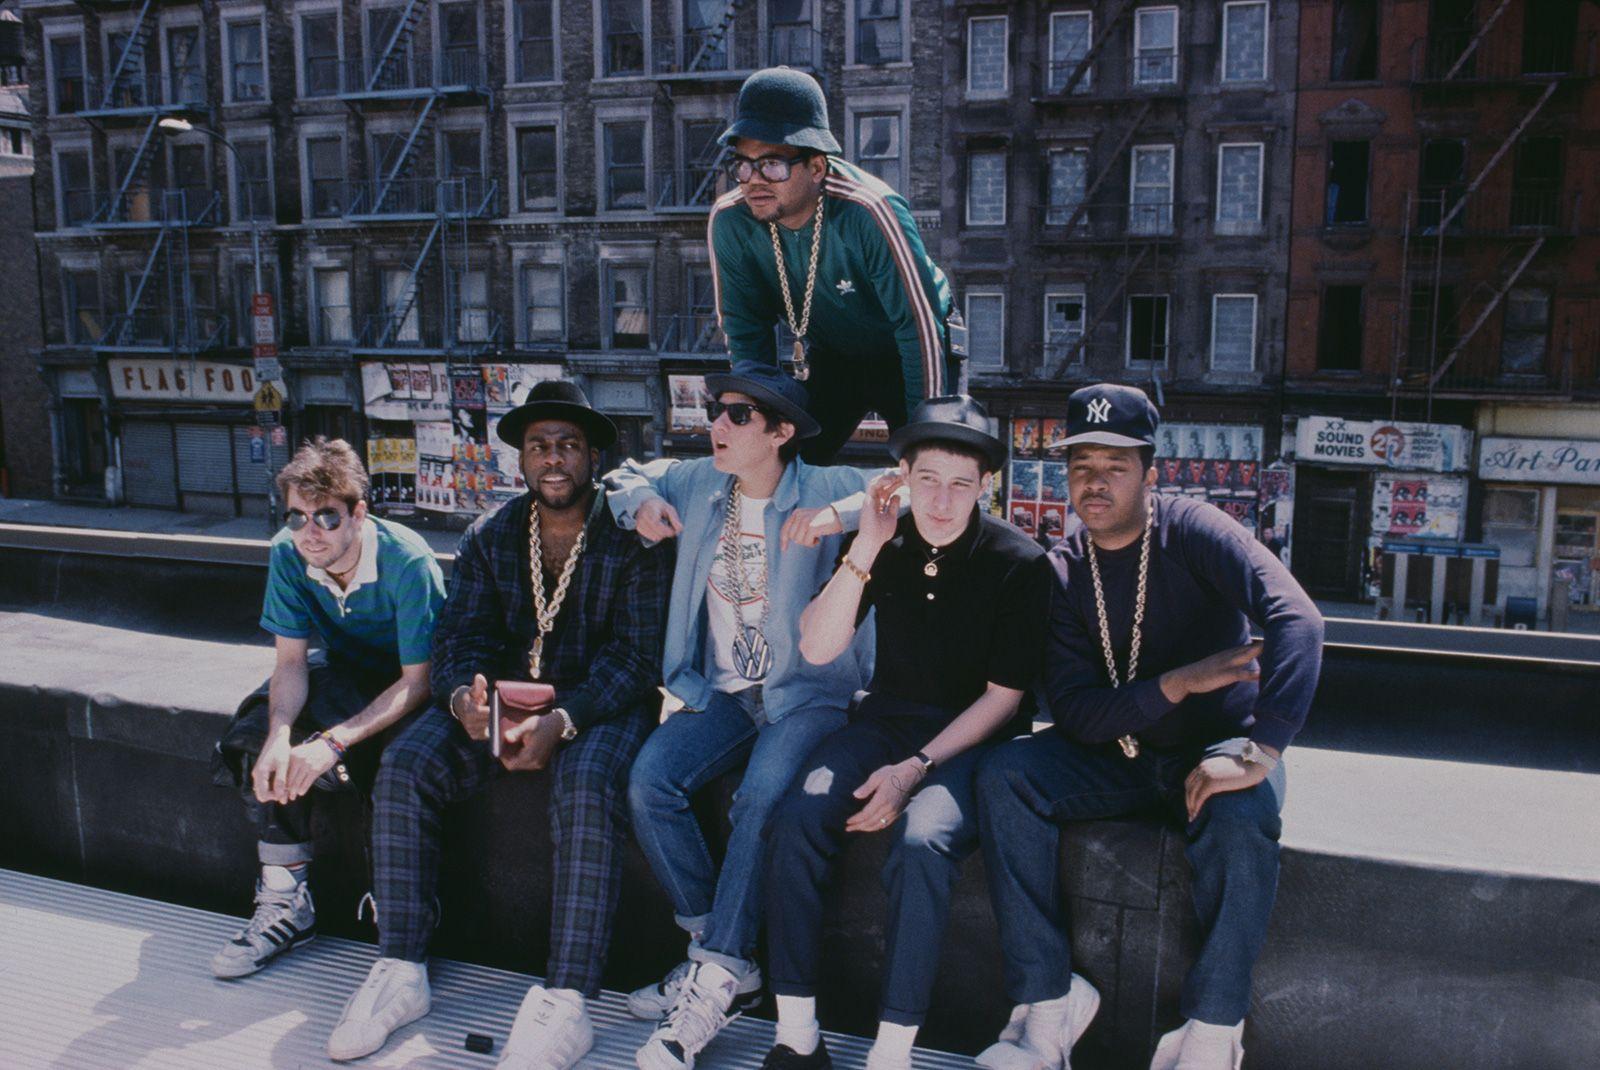 history-skinny-jeans-became-hip-hops-denim-choice-header